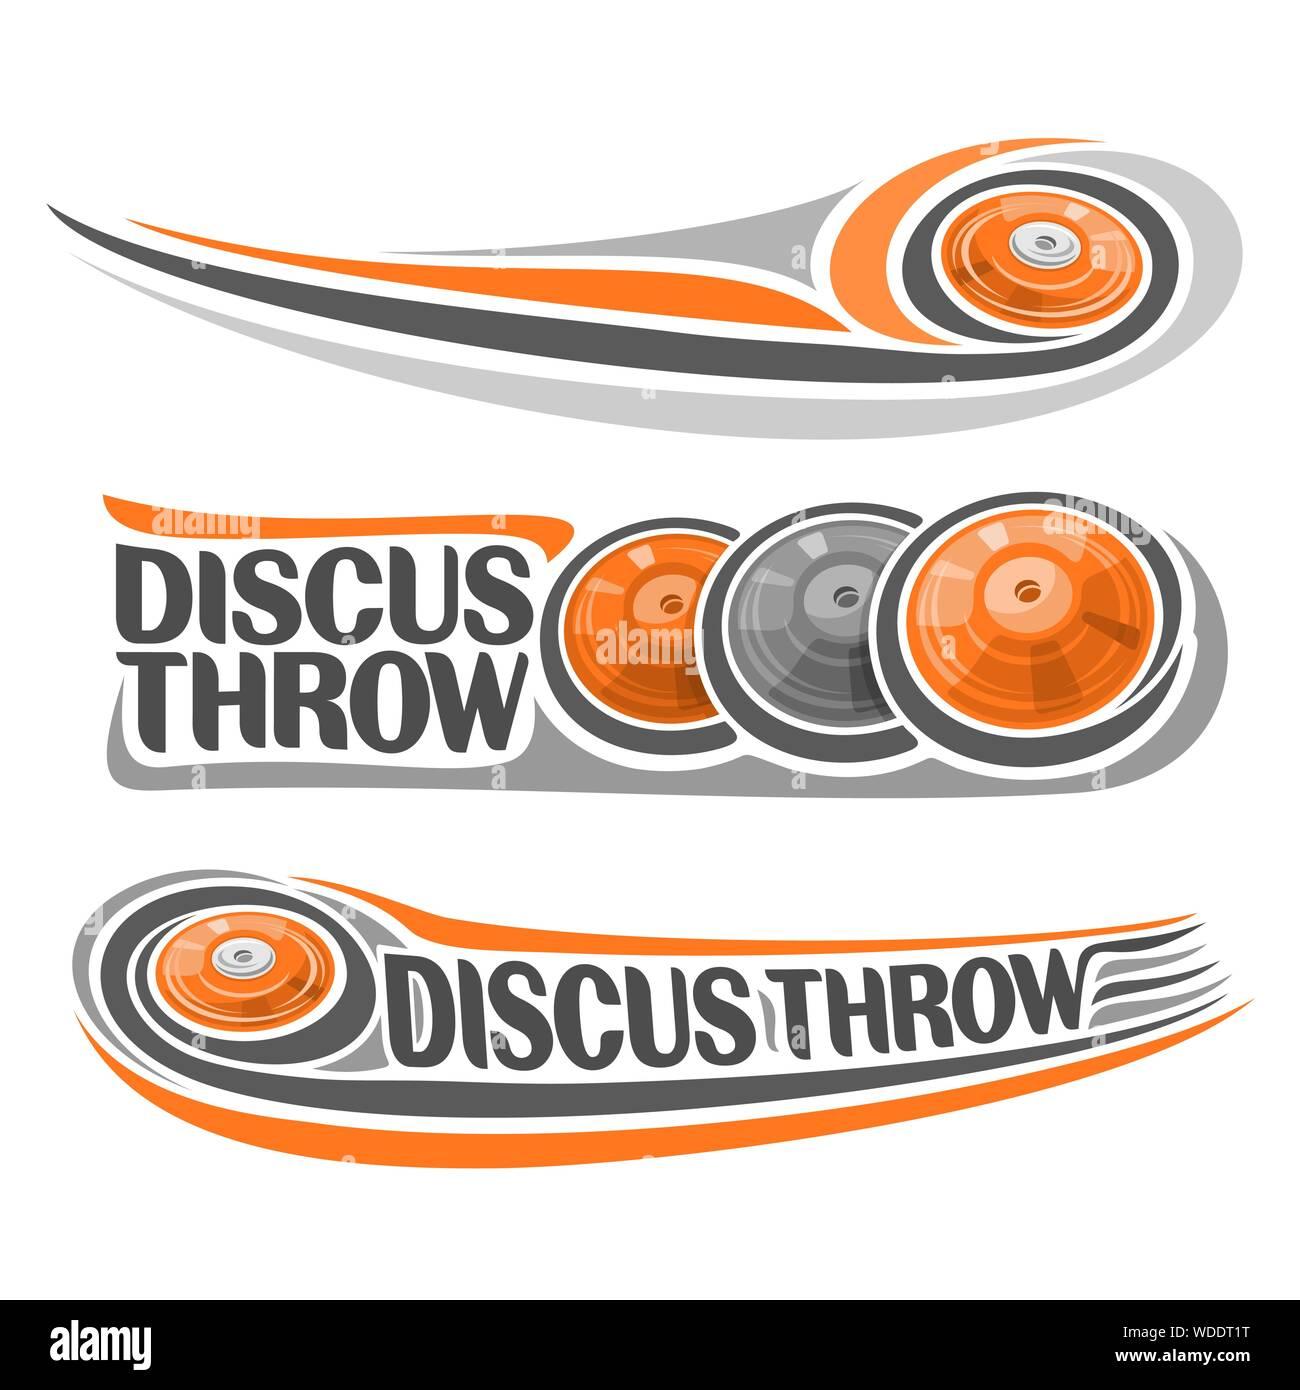 Il logo del vettore per atletica discus throw, consistente di disco battenti sulla traiettoria, 3 sport grigio e arancione gettando i dischi. Atletica leggera eq Illustrazione Vettoriale